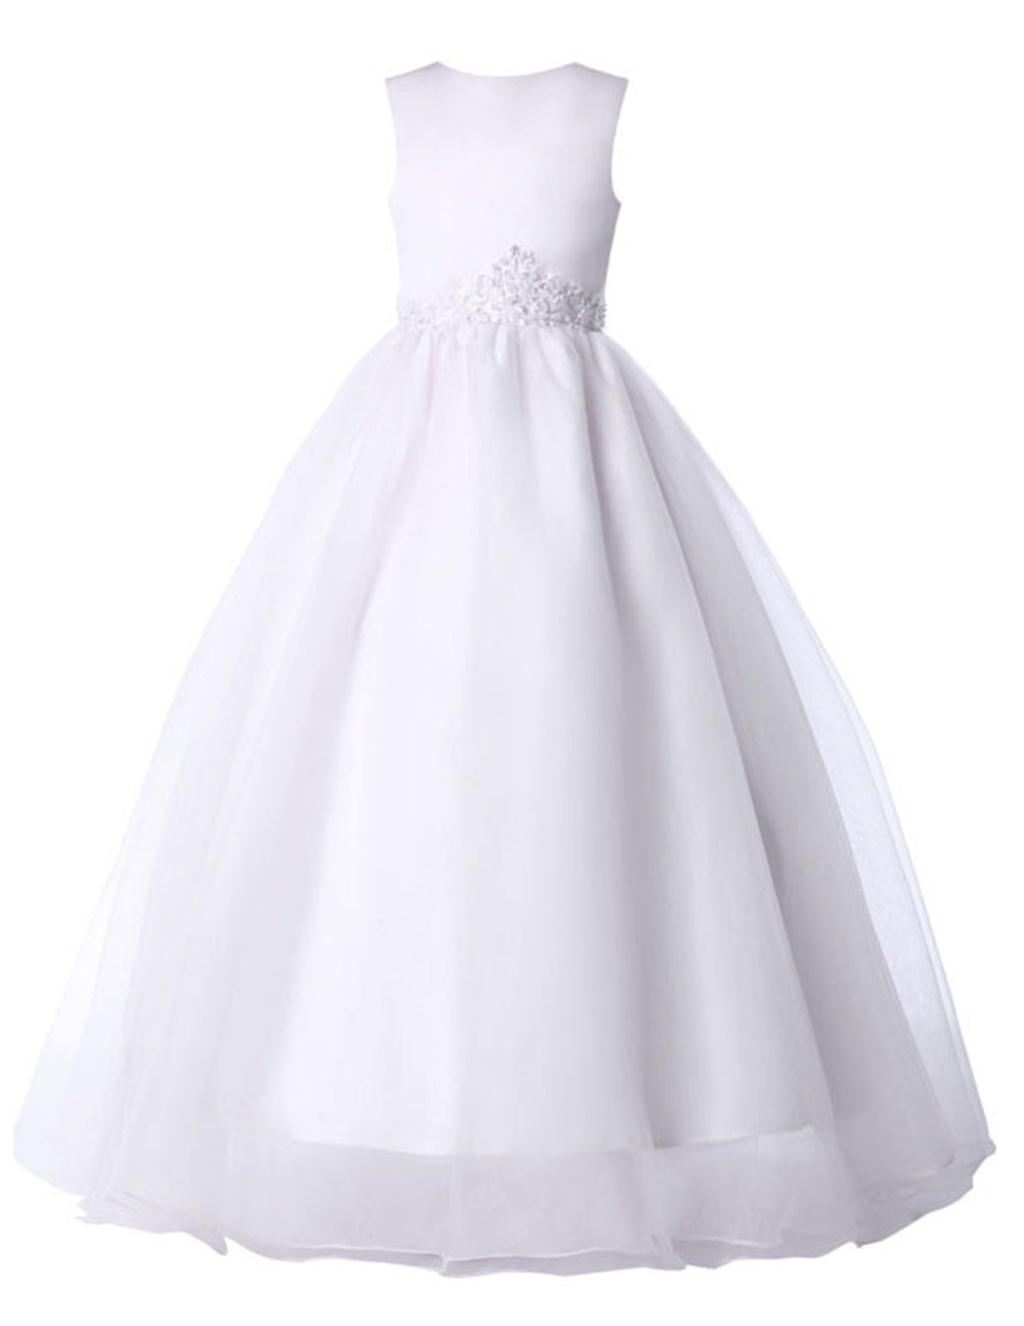 Grace karin flower girl dresses for weddings 2016 first for Dresses for girls for wedding